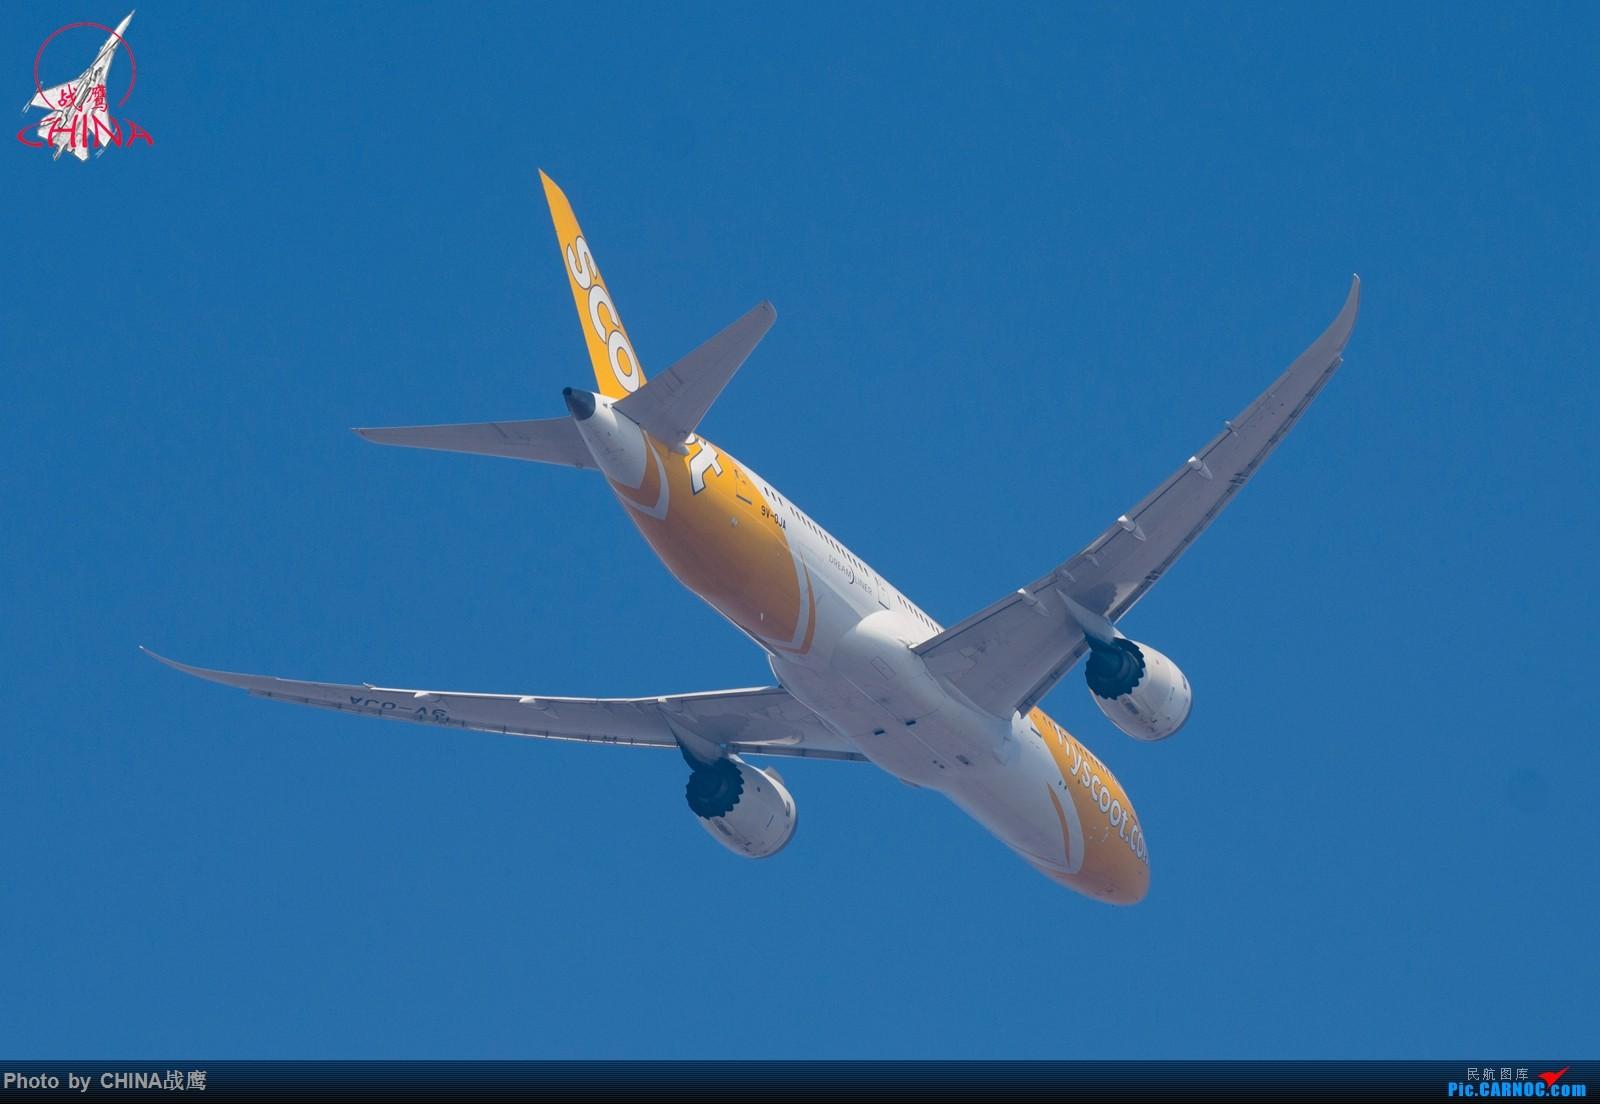 Re:[原创]【SHE】第三季度桃仙拍飞机集锦 BOEING 787-9 9V-OJA 中国沈阳桃仙国际机场